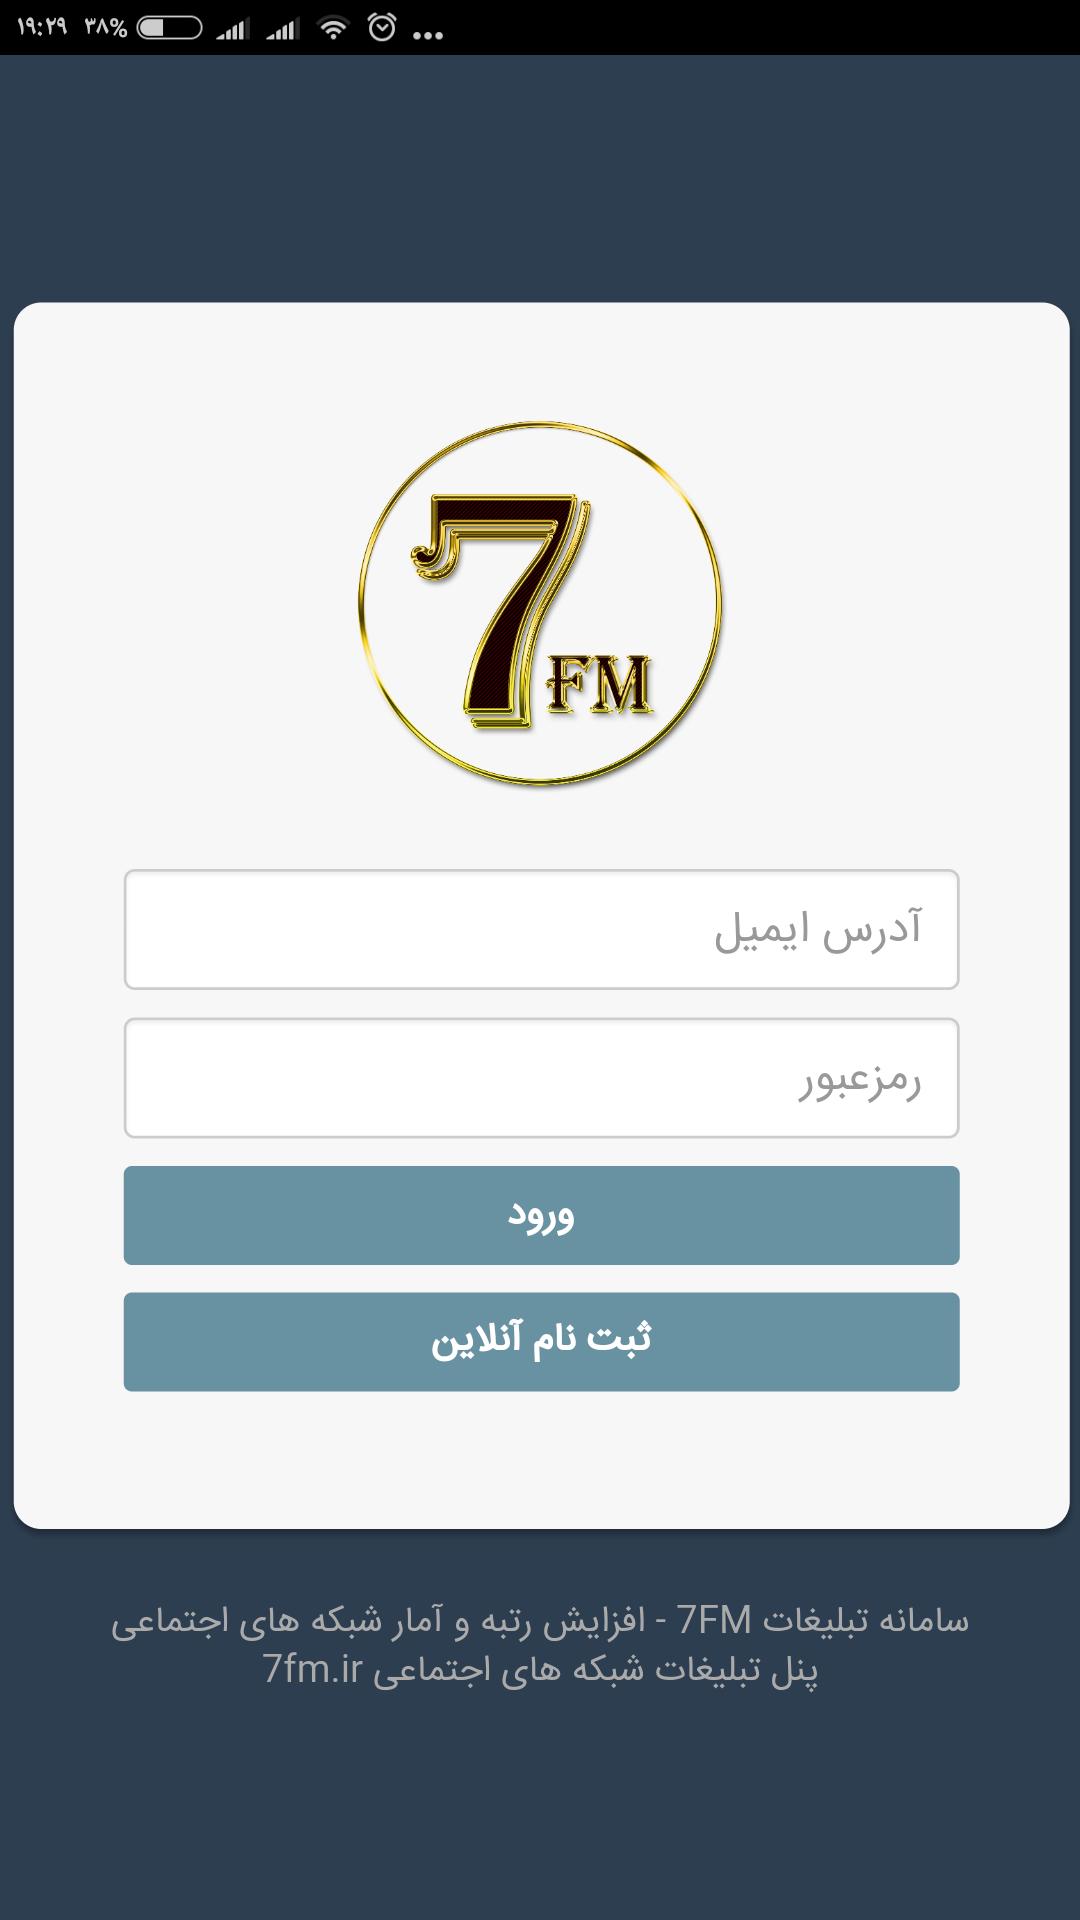 پنل تبلیغات شبکه های اجتماعی 7fm